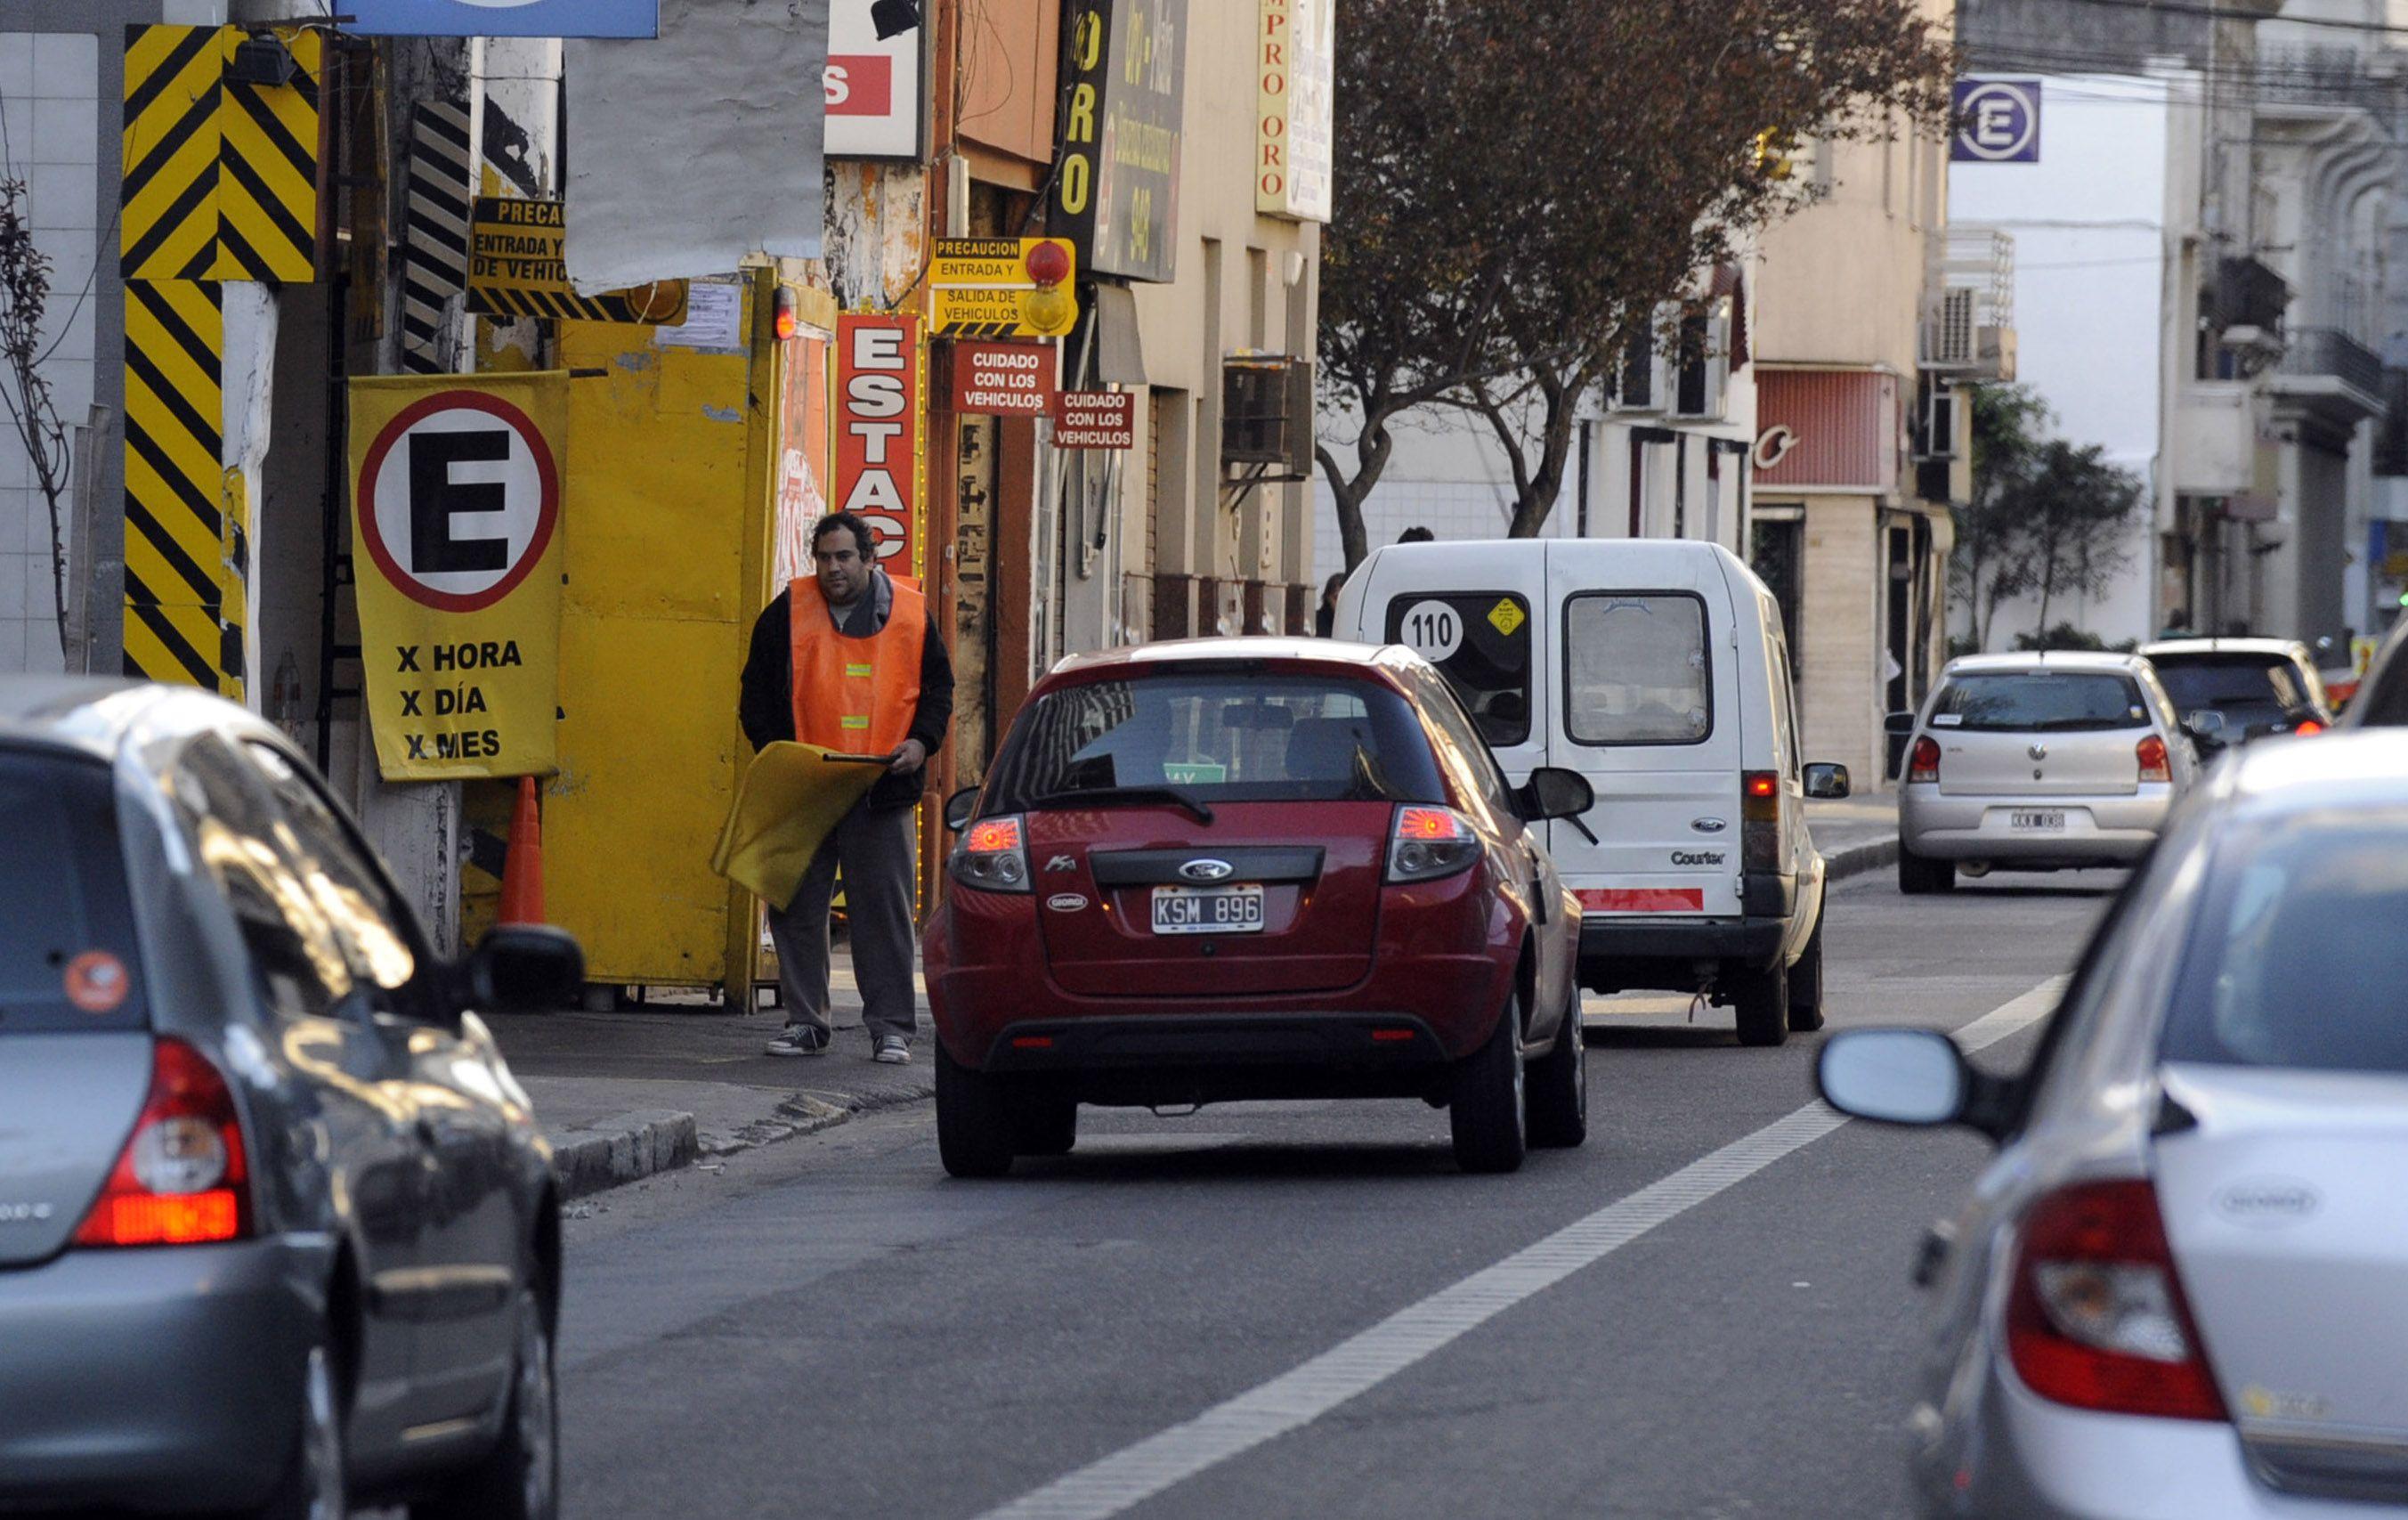 Las cámaras detectan que los autos no cumplen con el carril exclusivo y no respetan el giro a la derecha. (Foto: